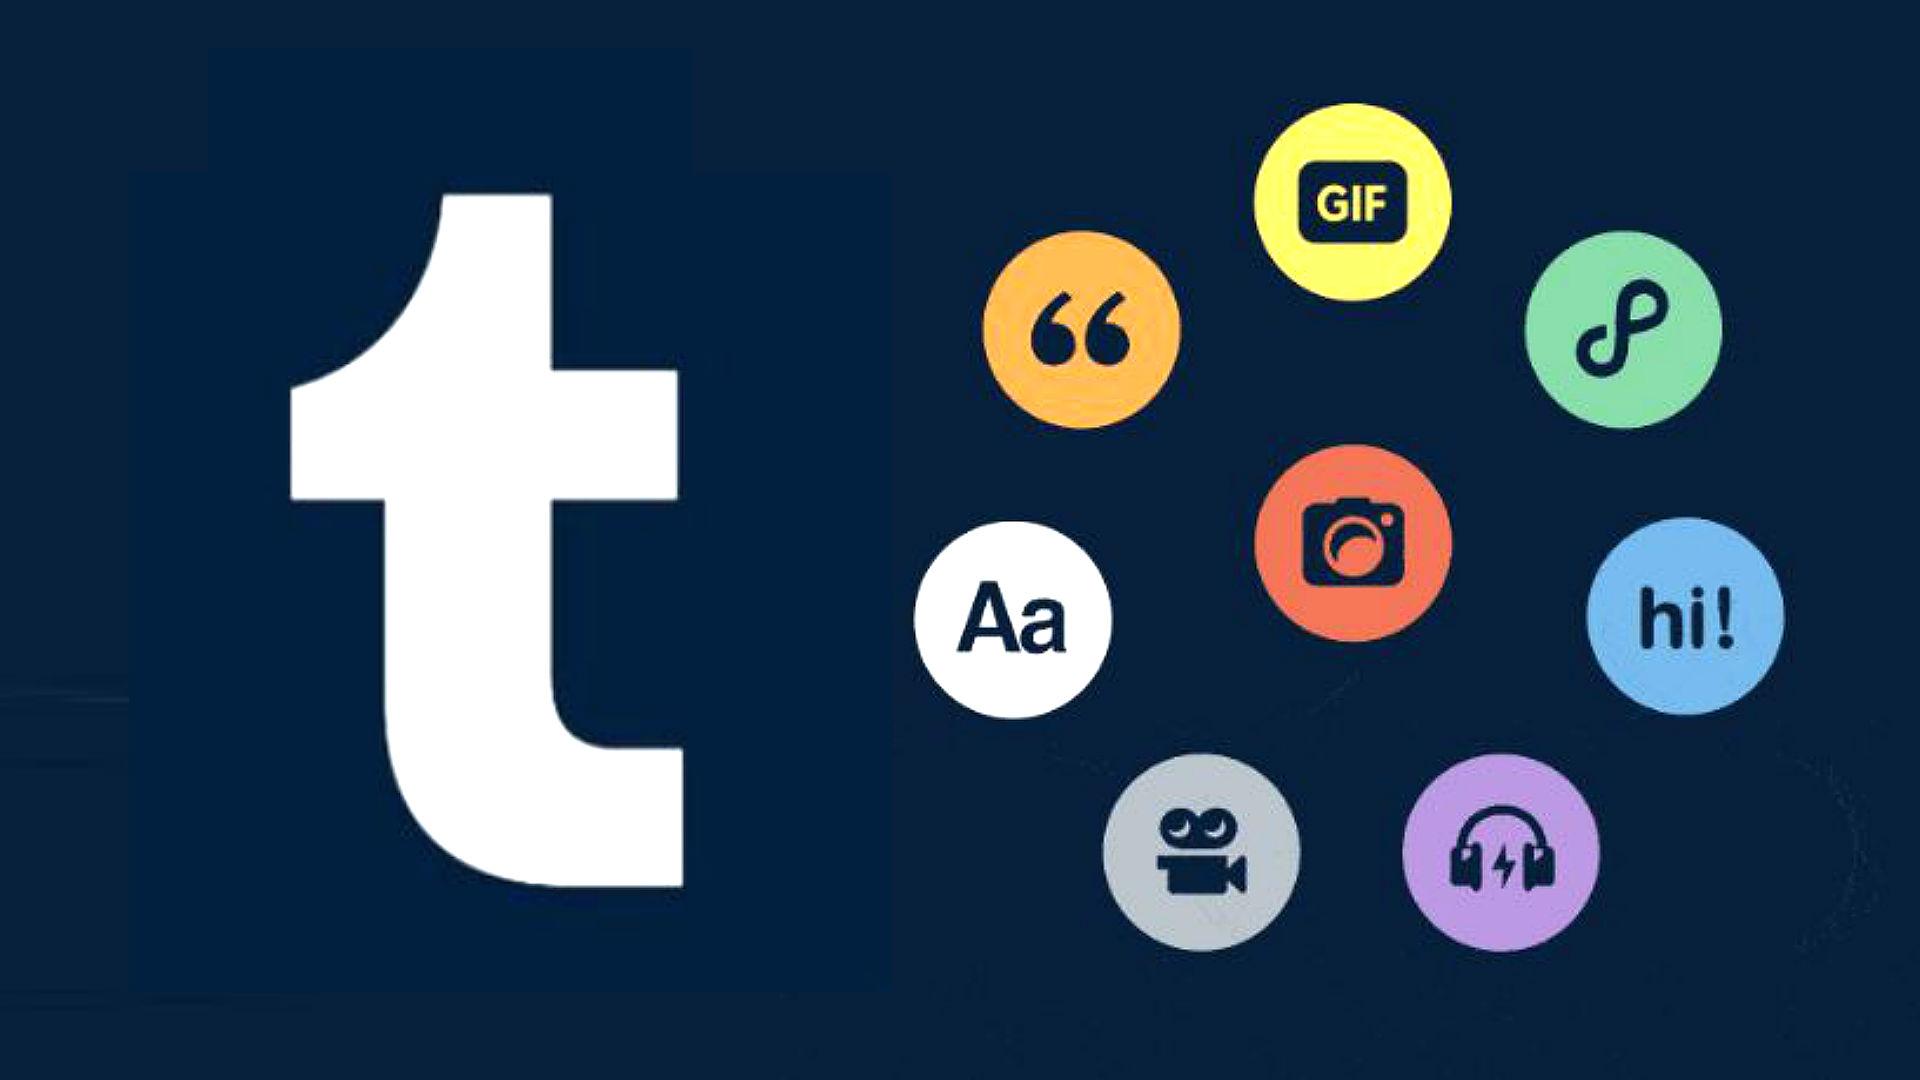 Tumblr decidió no incluir más contenido erótico en su plataforma. (Foto: Twitter tumblr)